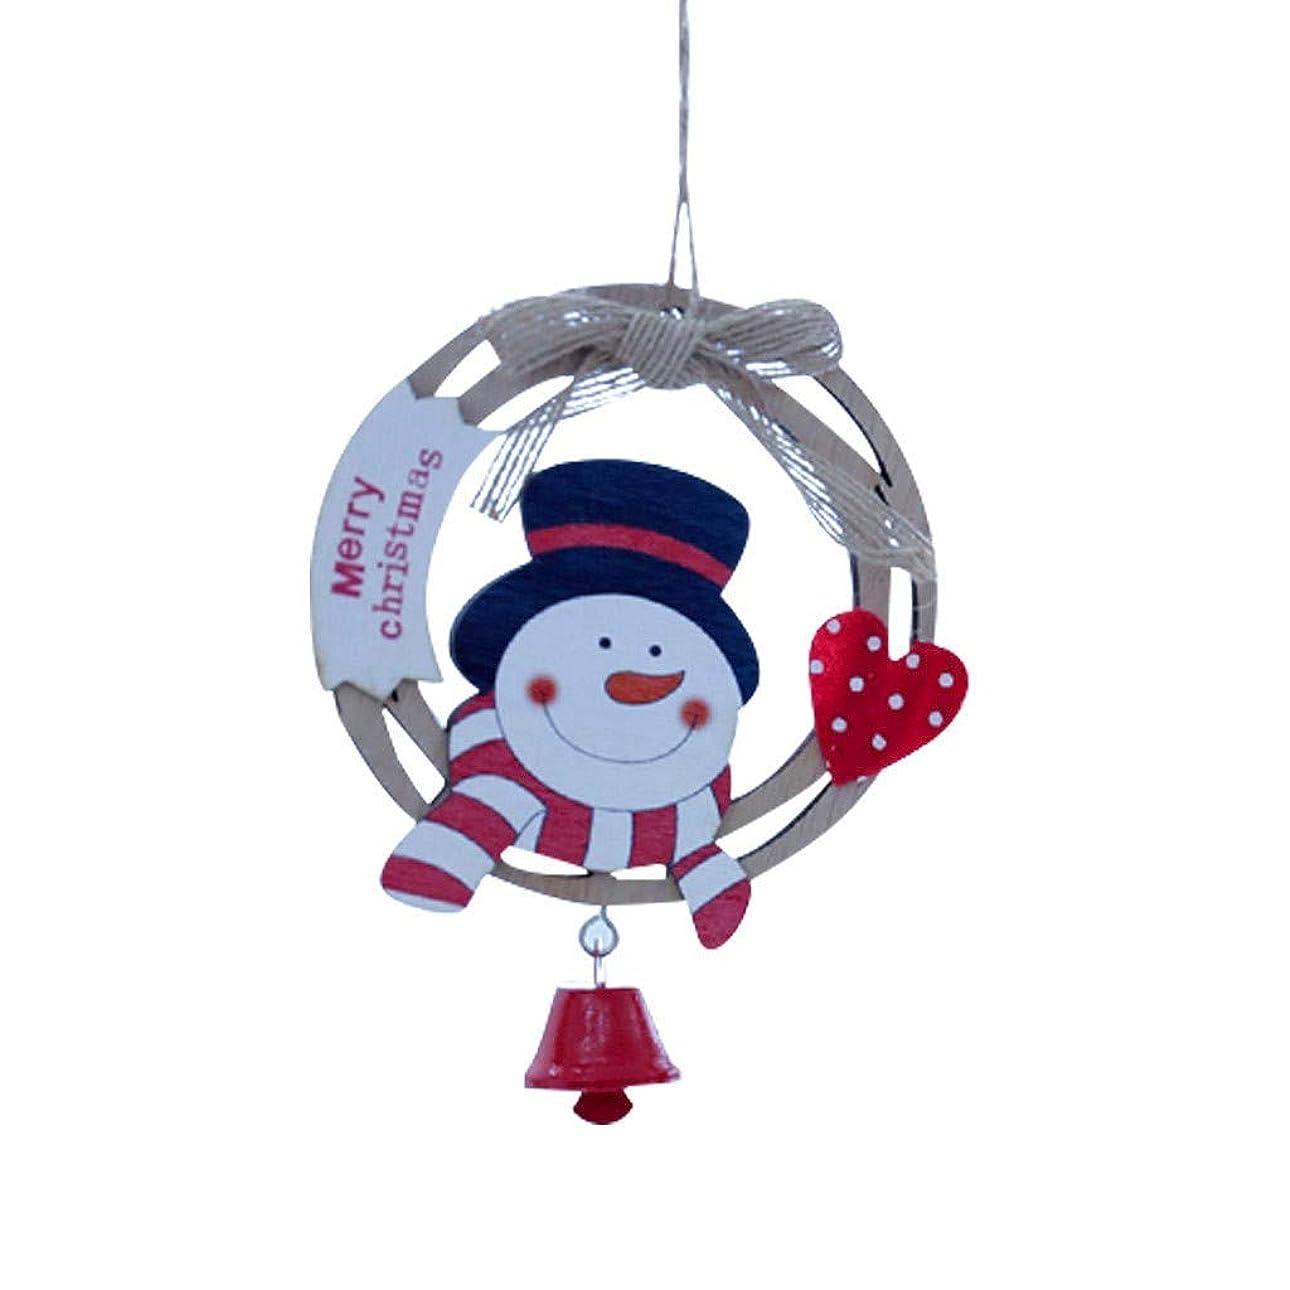 クリスマス木製老人雪だるまペンダント小さなペンダントアクセサリー装飾部品サンタクロースかわいいクリスマス装飾内壁装飾部屋の装飾クリスマス